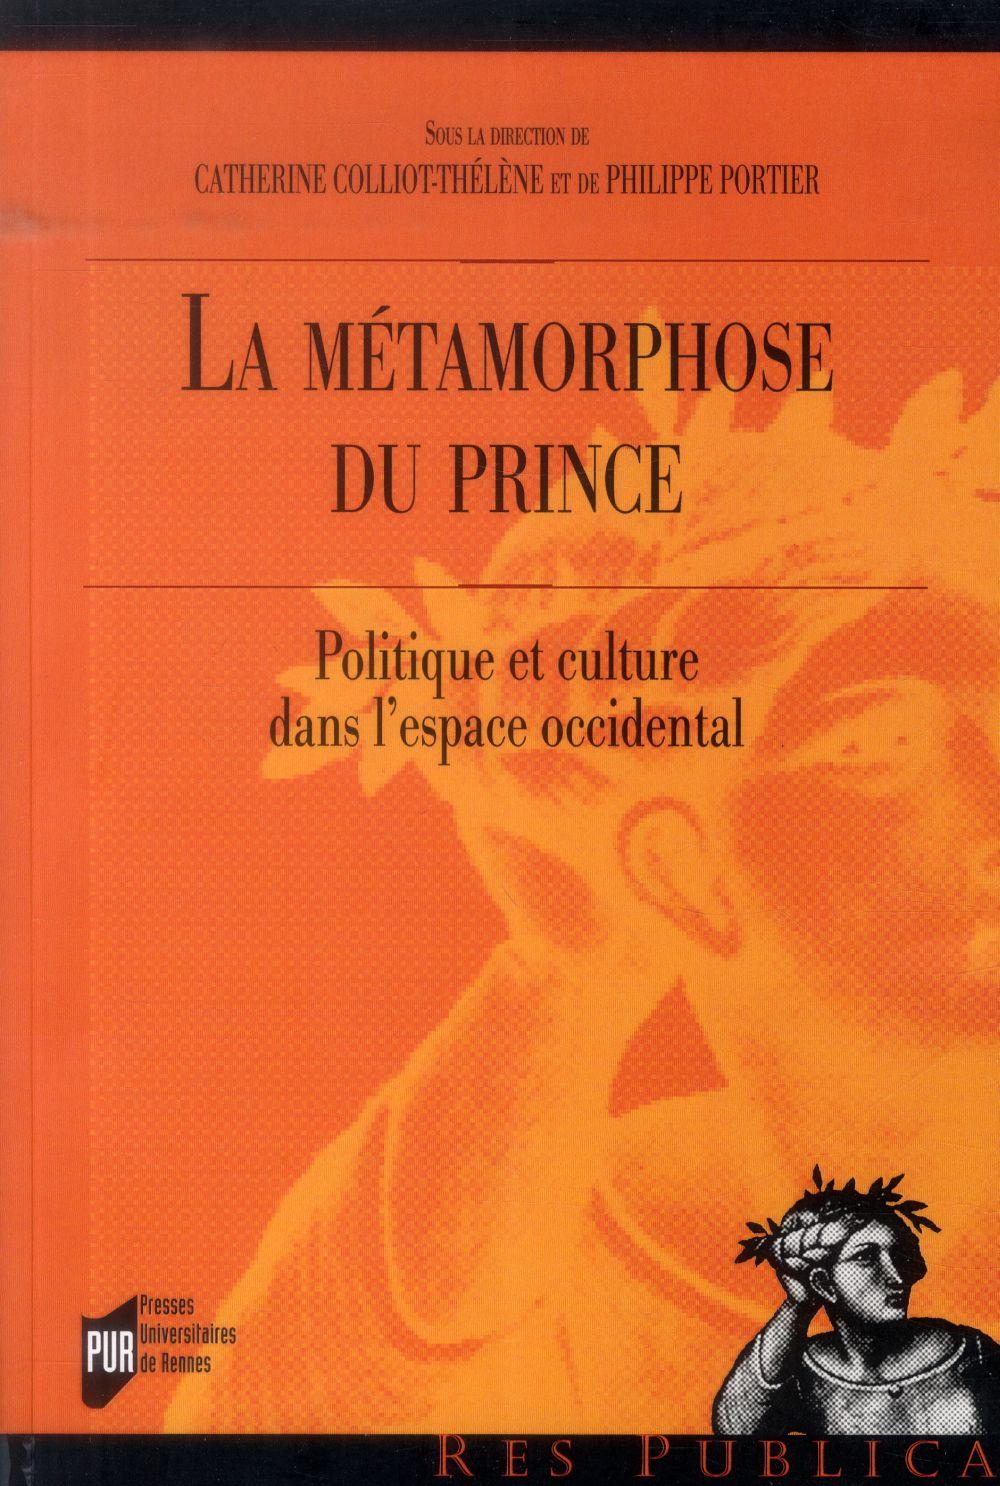 la métamorphose du prince ; politique et culture dans l'espace occidental